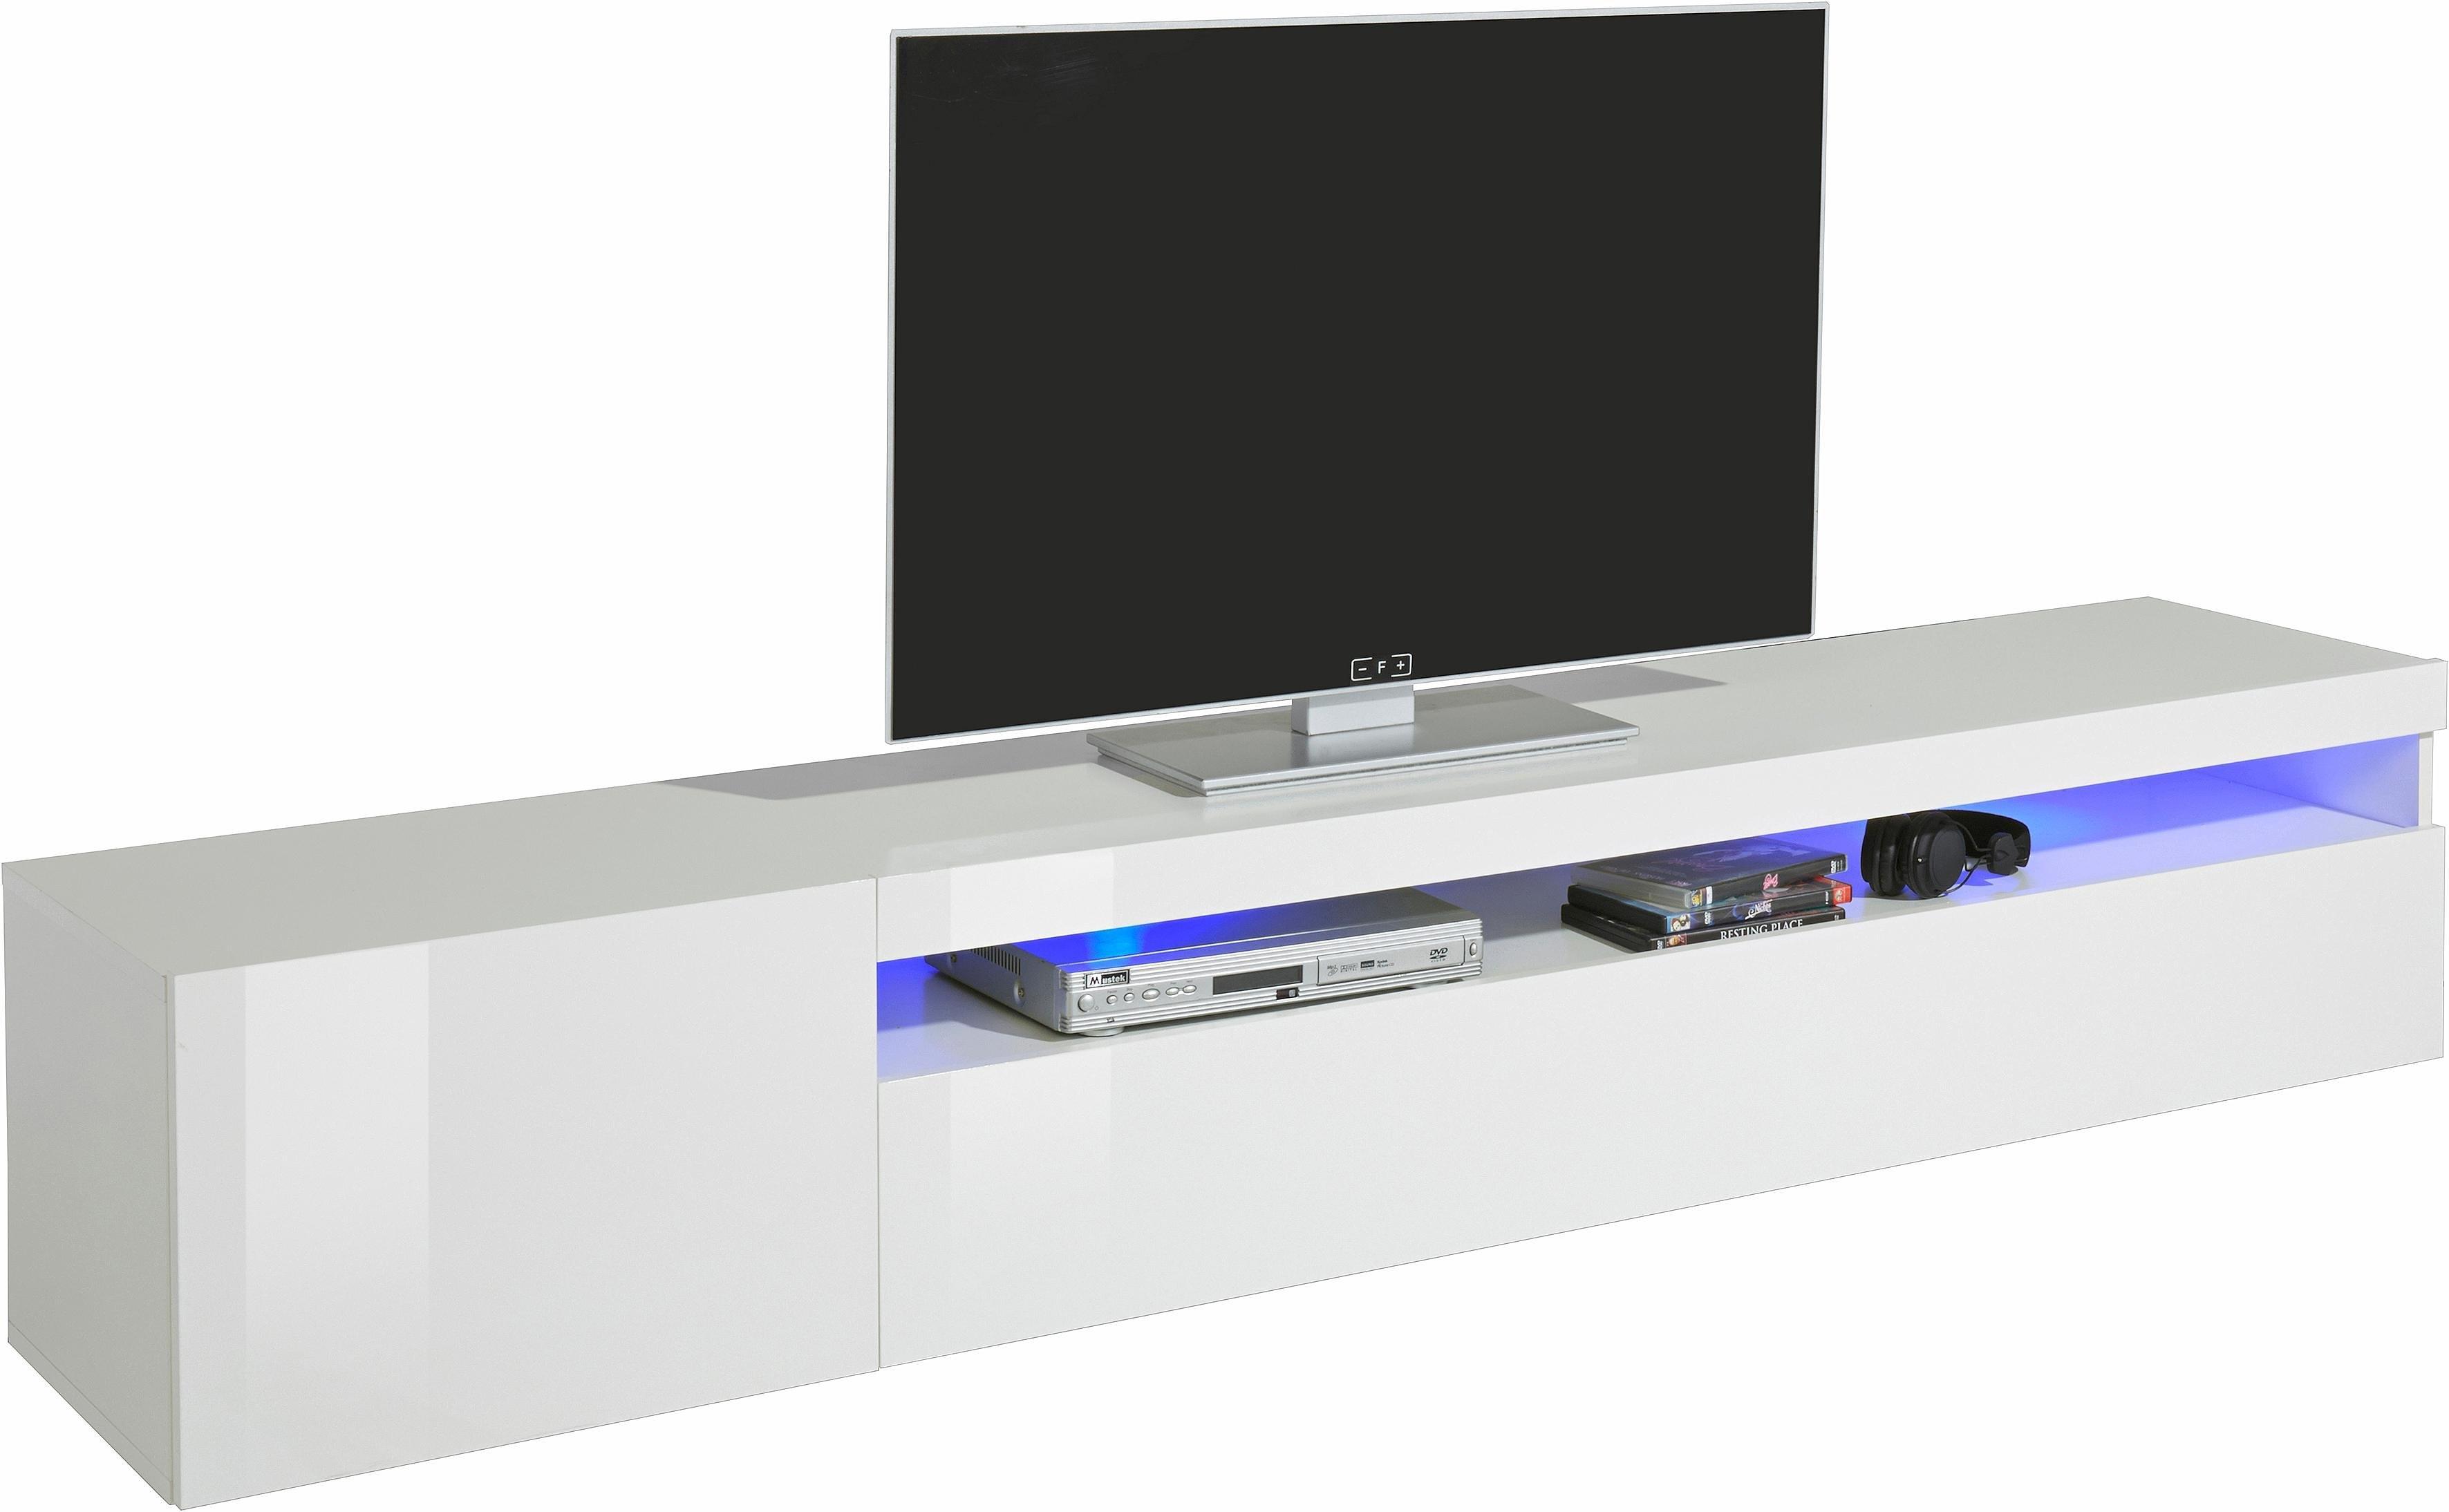 lowboard breedte 200 cm bestel nu bij otto. Black Bedroom Furniture Sets. Home Design Ideas